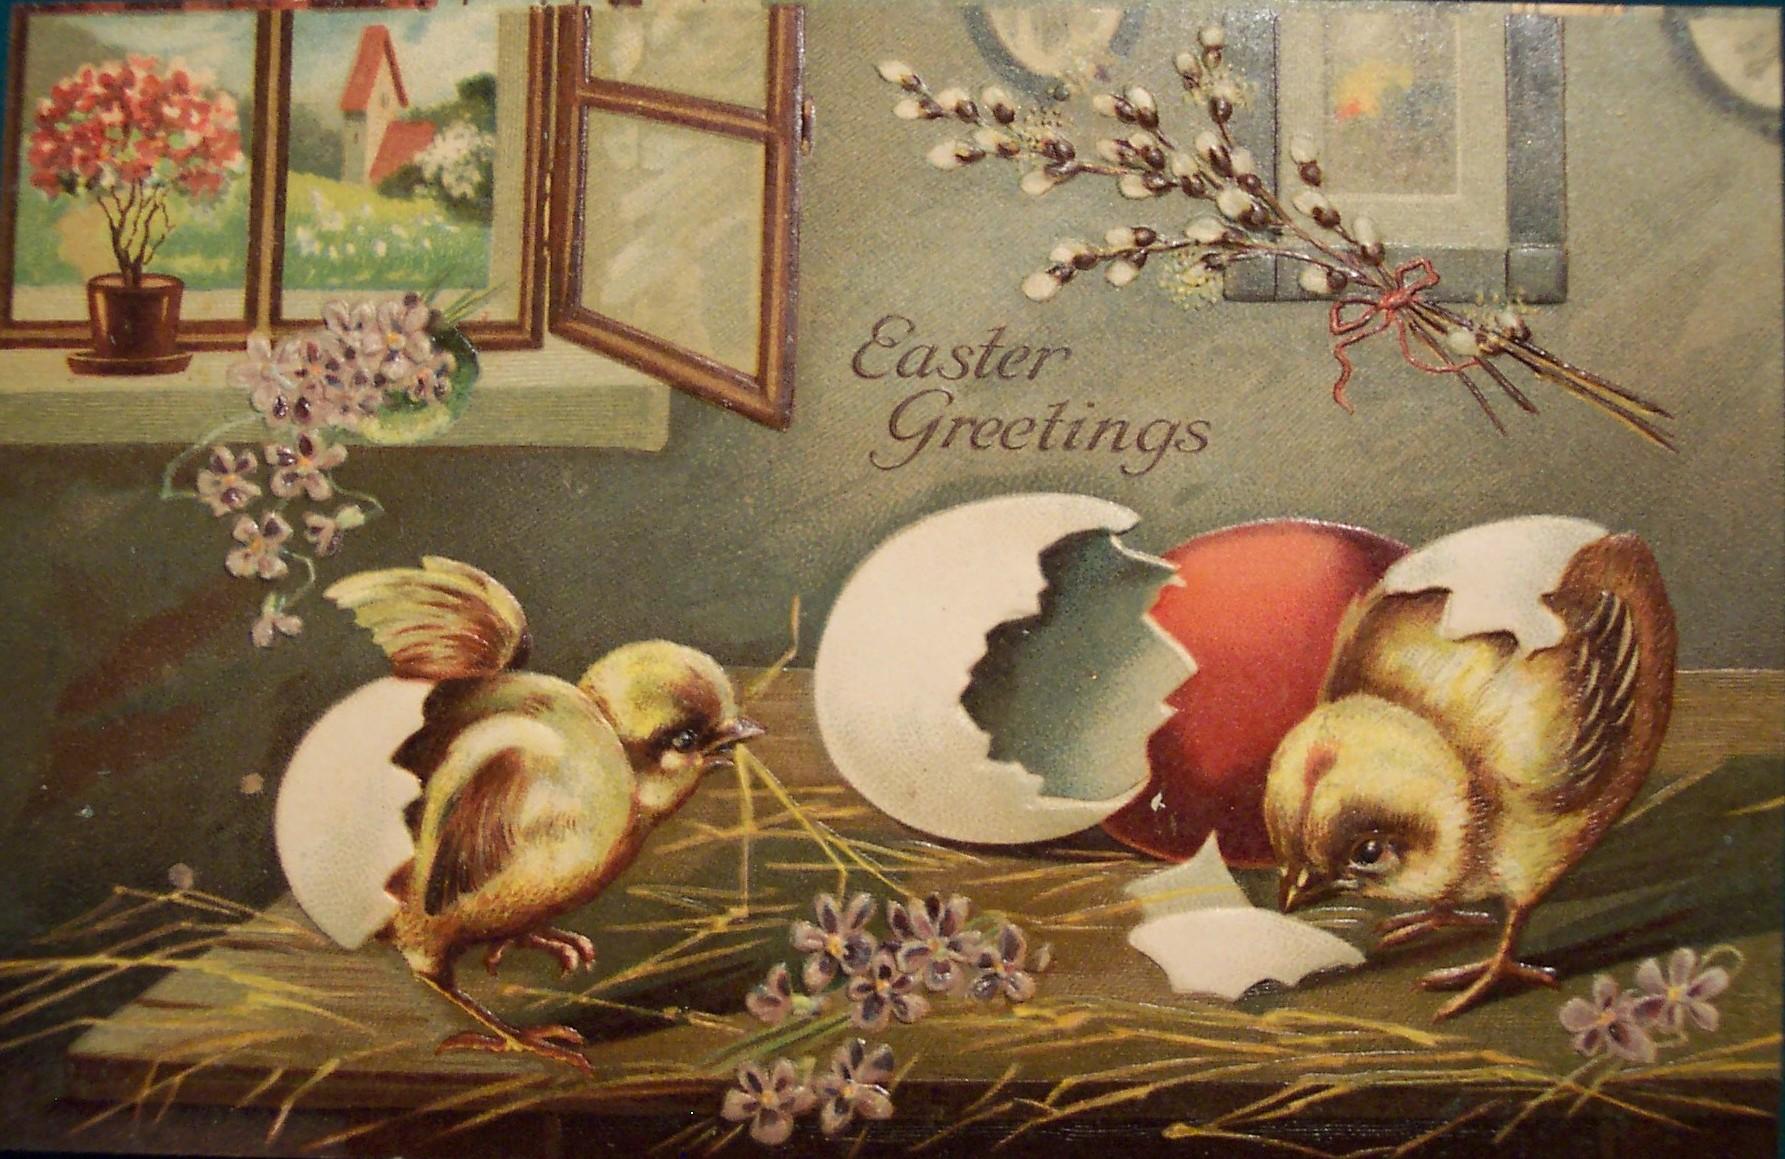 Пасхальные открытки своими руками Материнство - беременность, роды 37